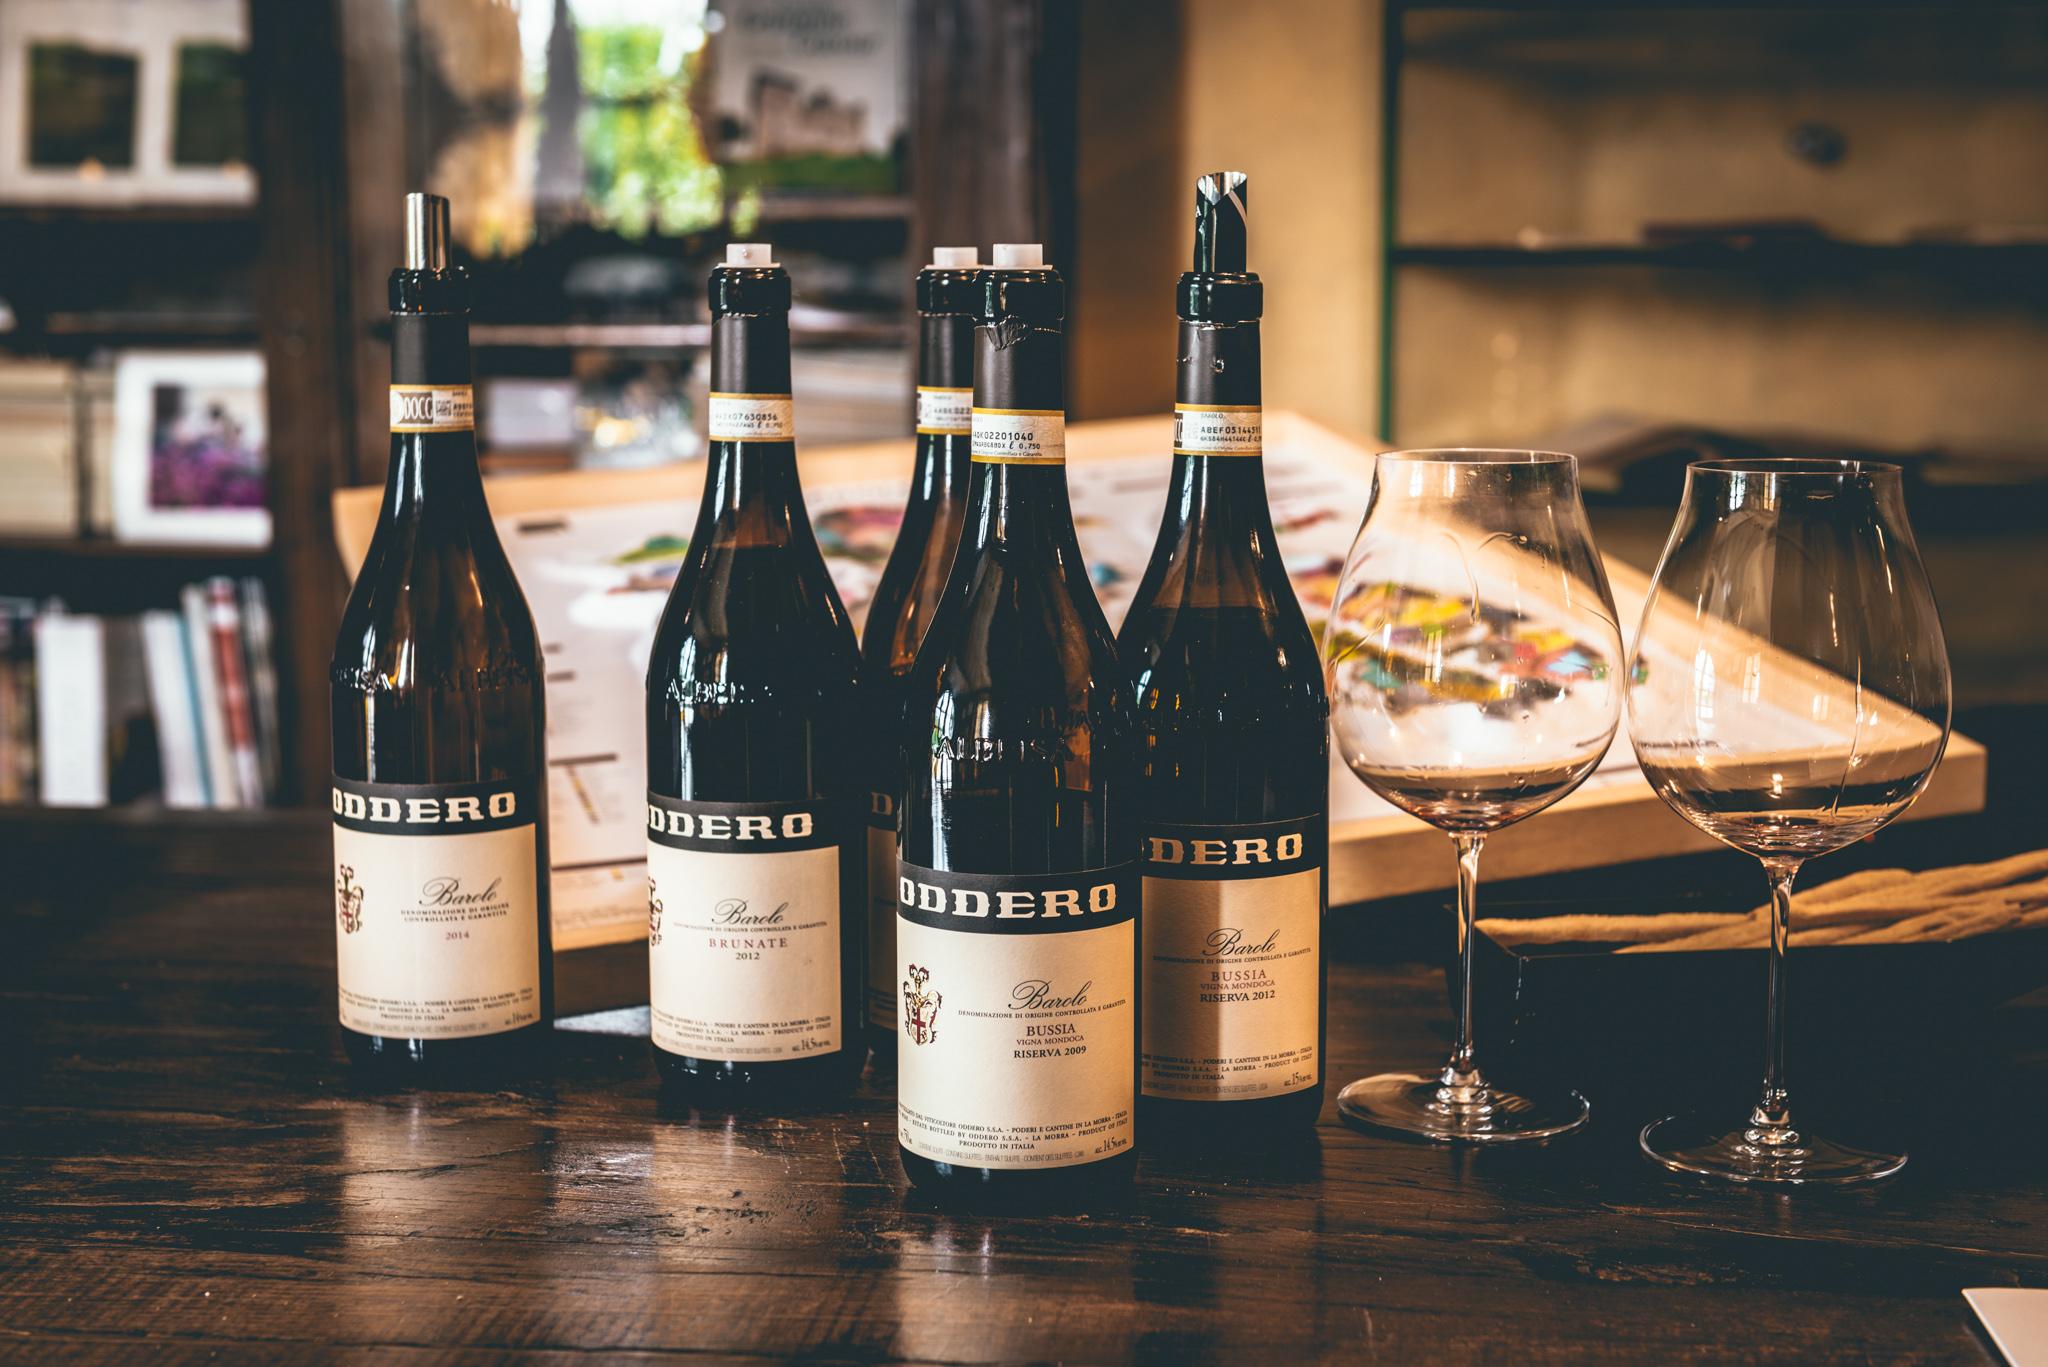 Italy : Piedmont : Tasting at Oddero's estate in La Morra